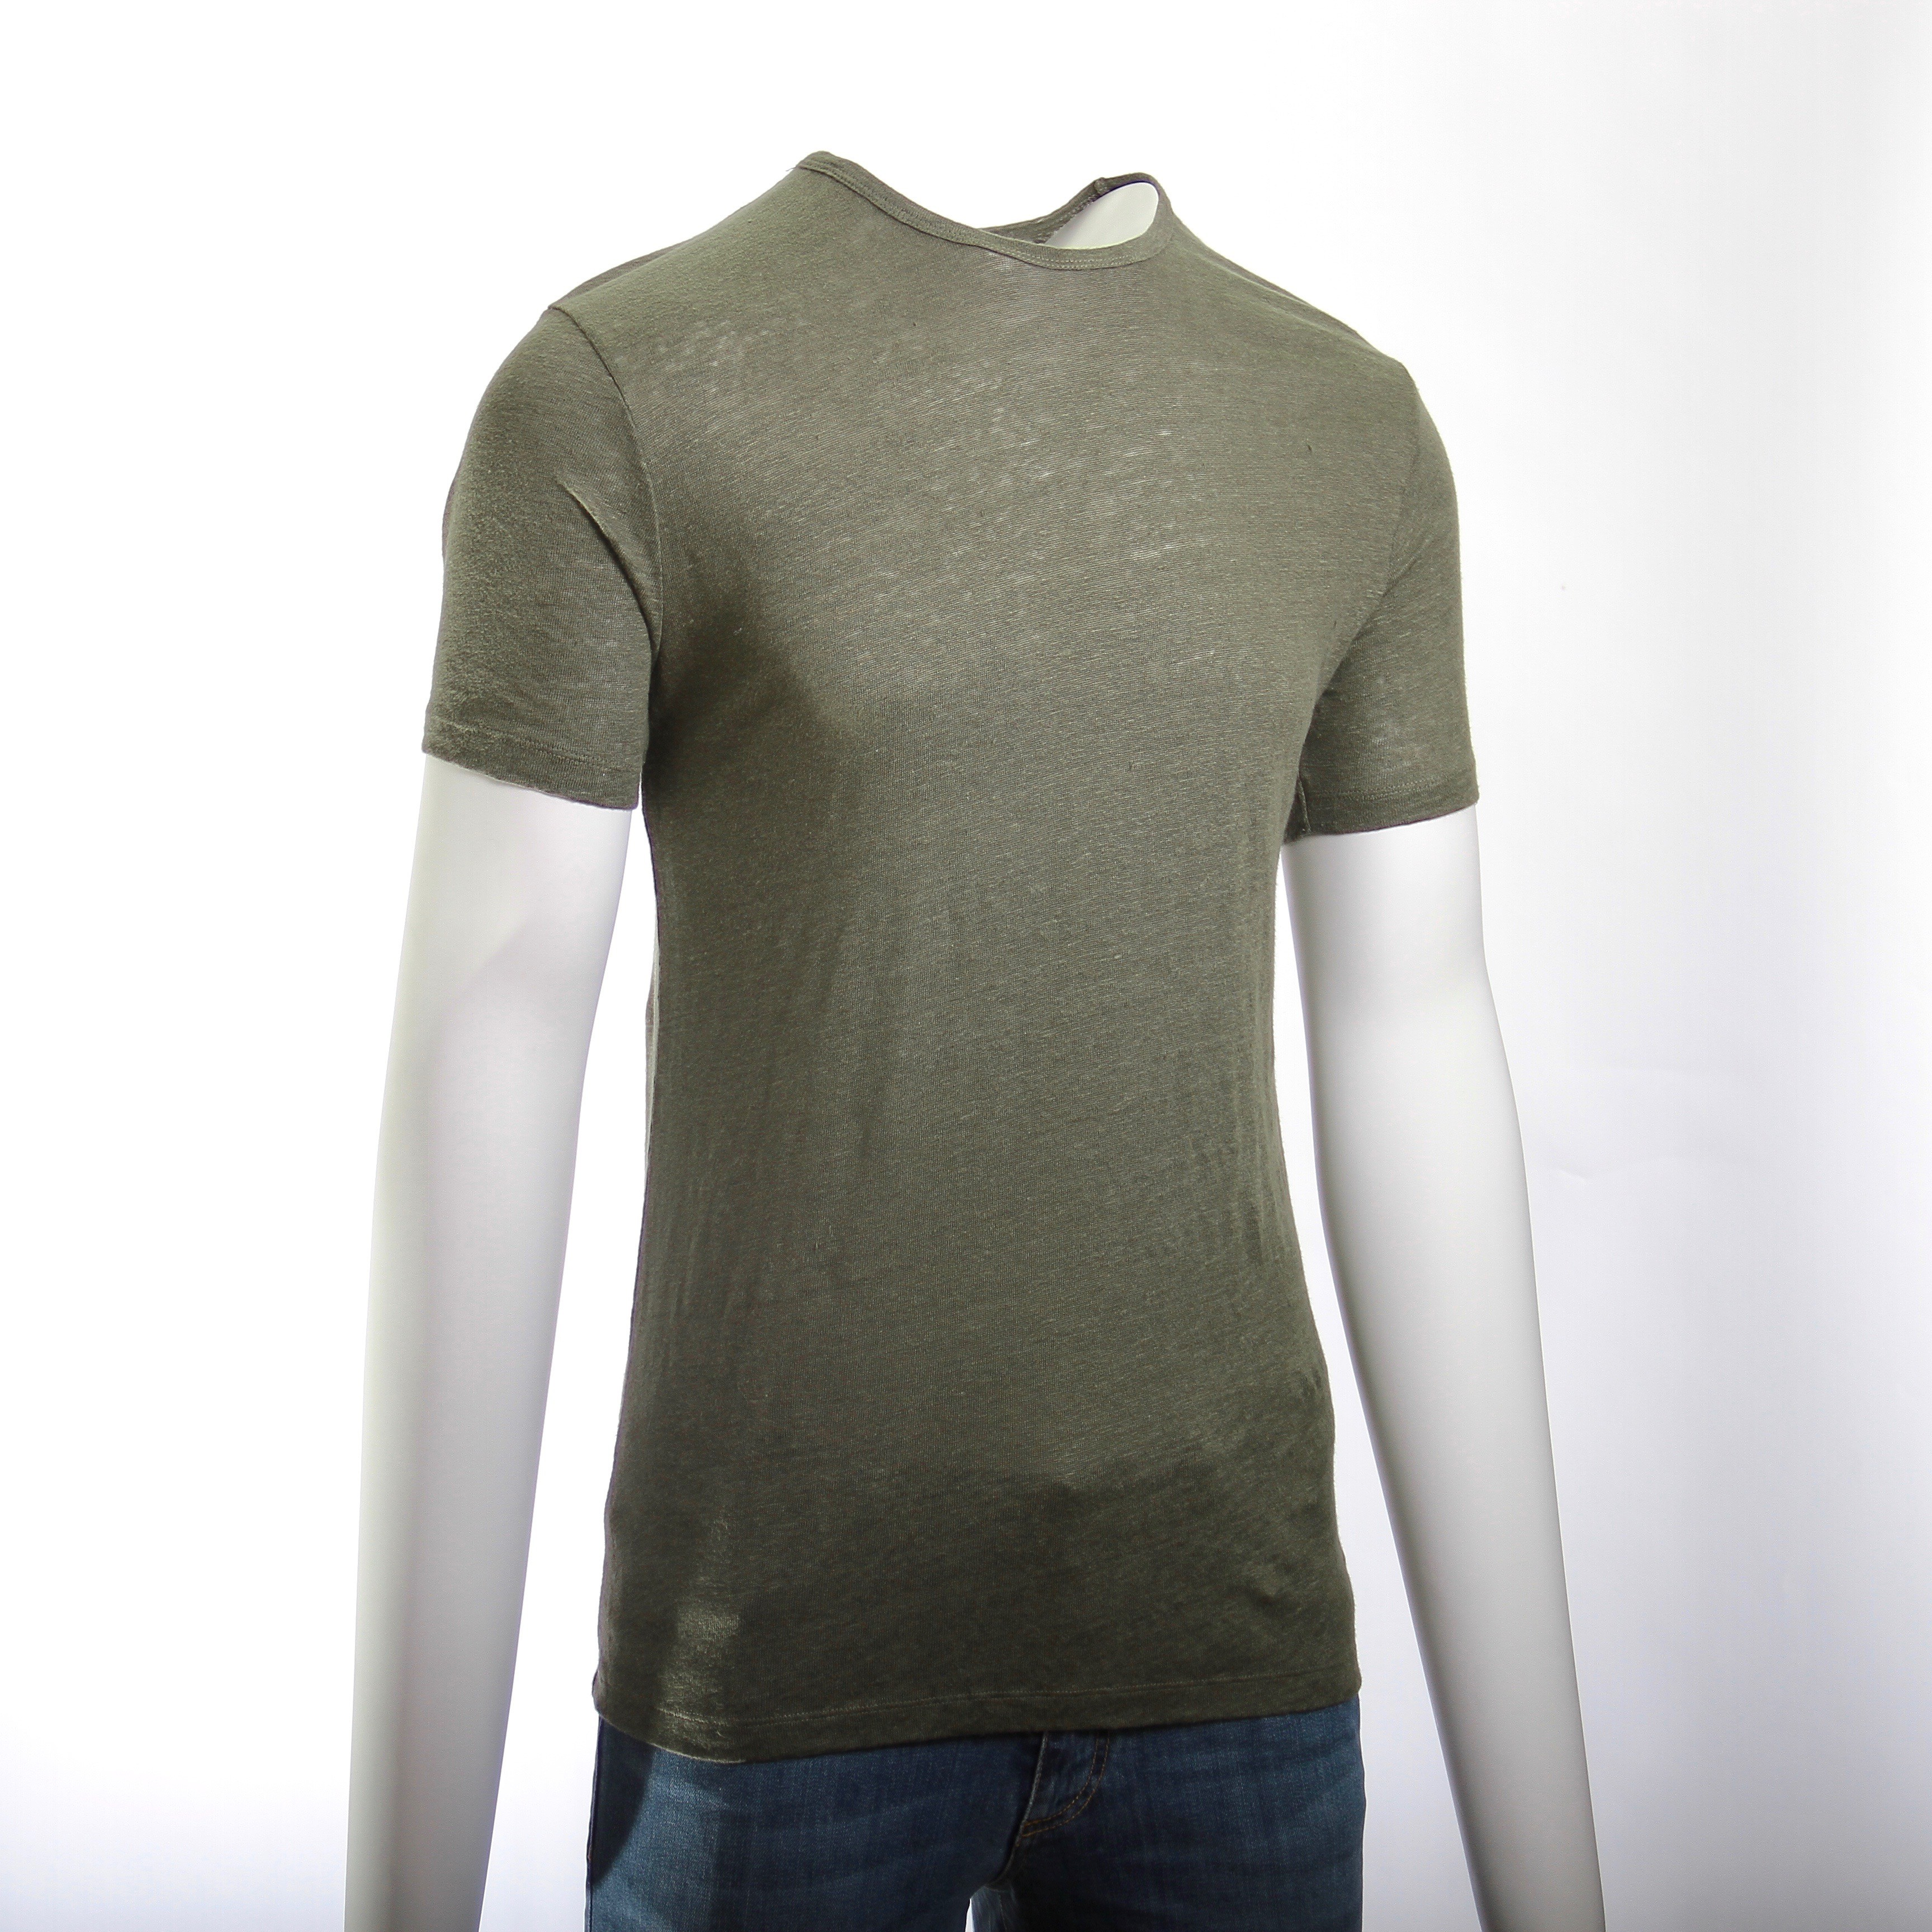 Tee-Shirt en Lin Lavé : Kaki - Manches courtes (Tee-shirt)